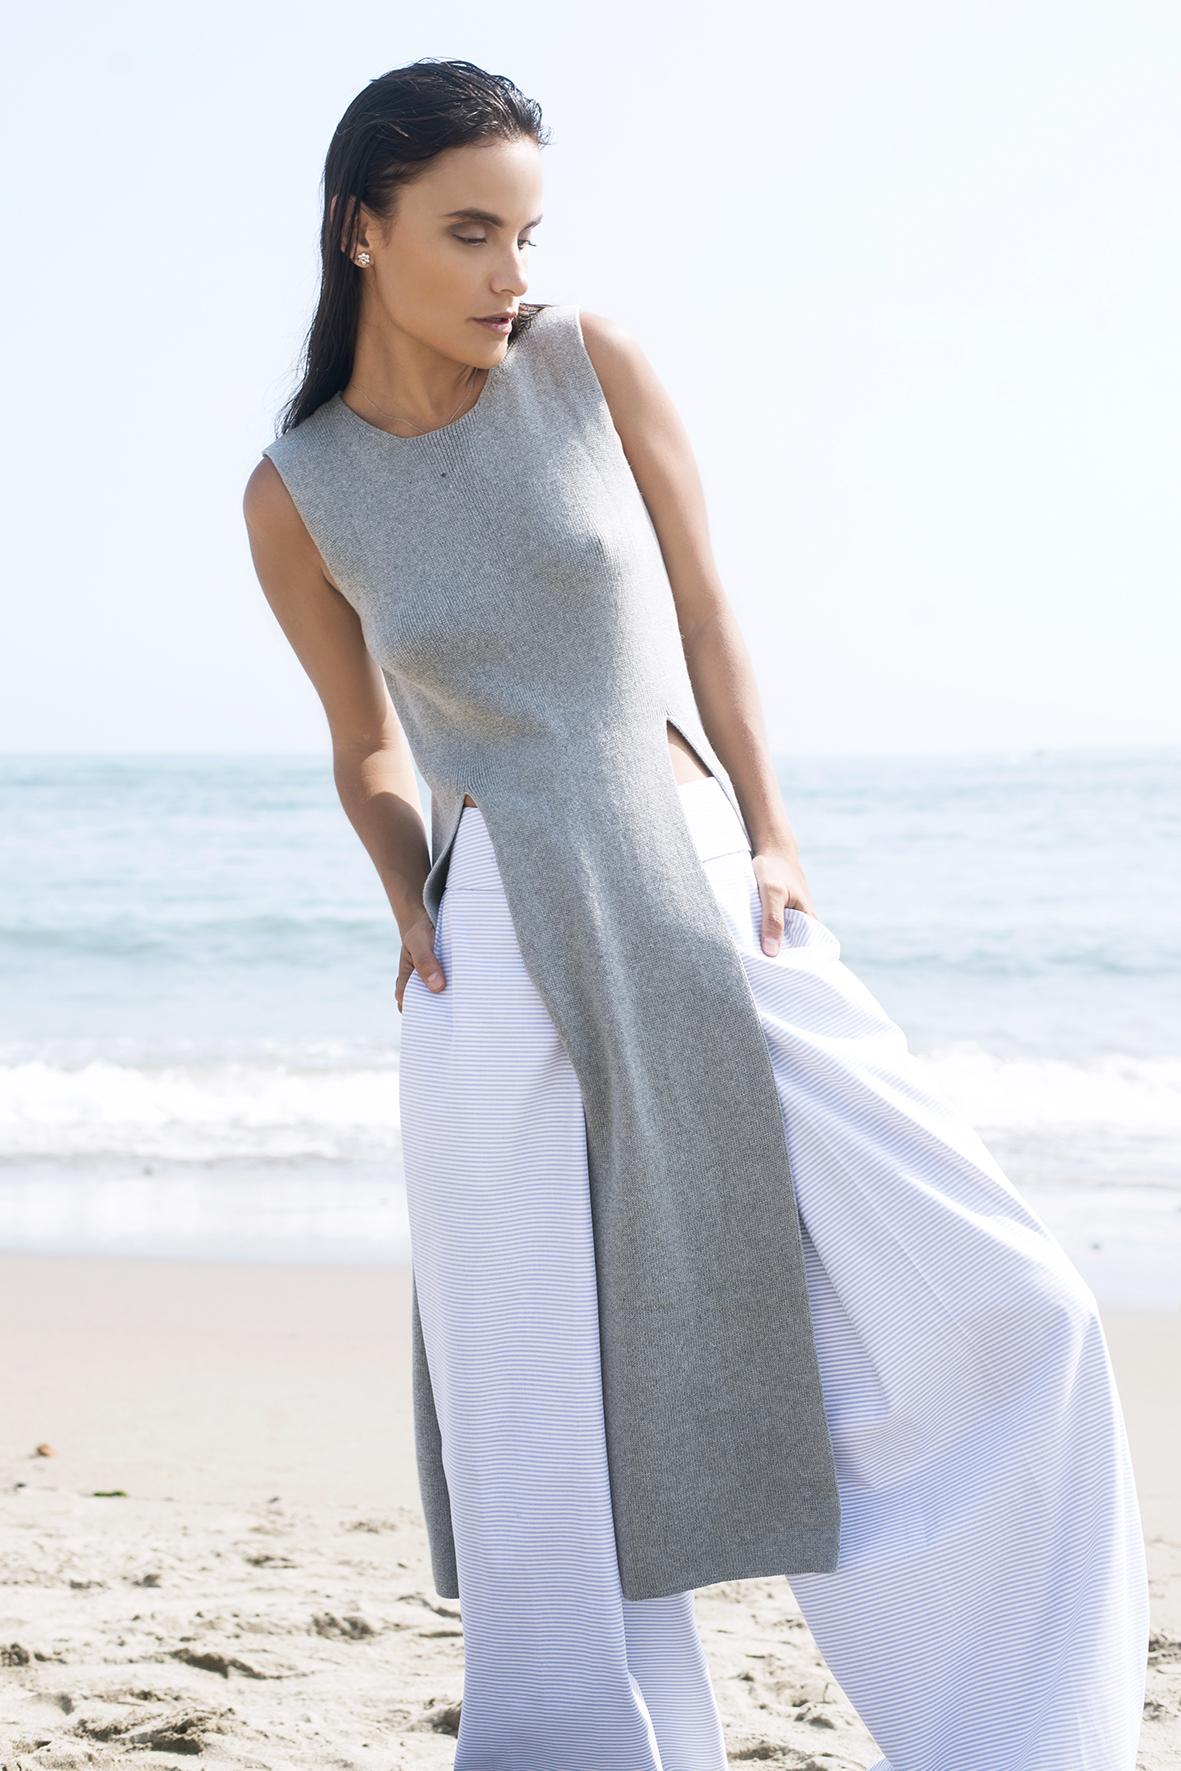 giuliana weston - modelo peruana - perú - peru moda -  fashion photography - costa verde -  008.jpg